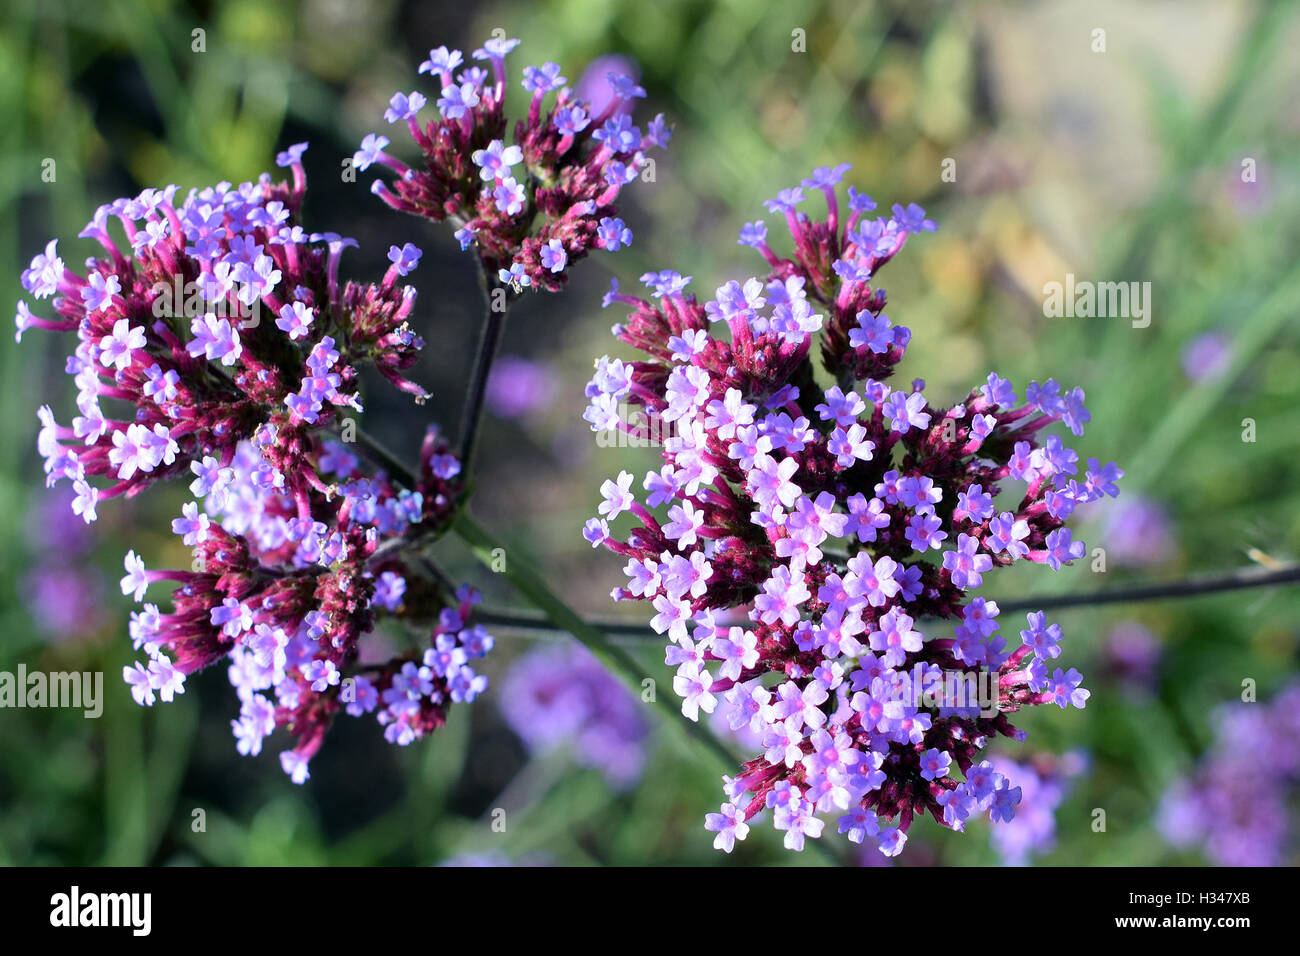 Hohes Eisenkraut verbena bonariensis auch bekannt als purpletop eisenkraut